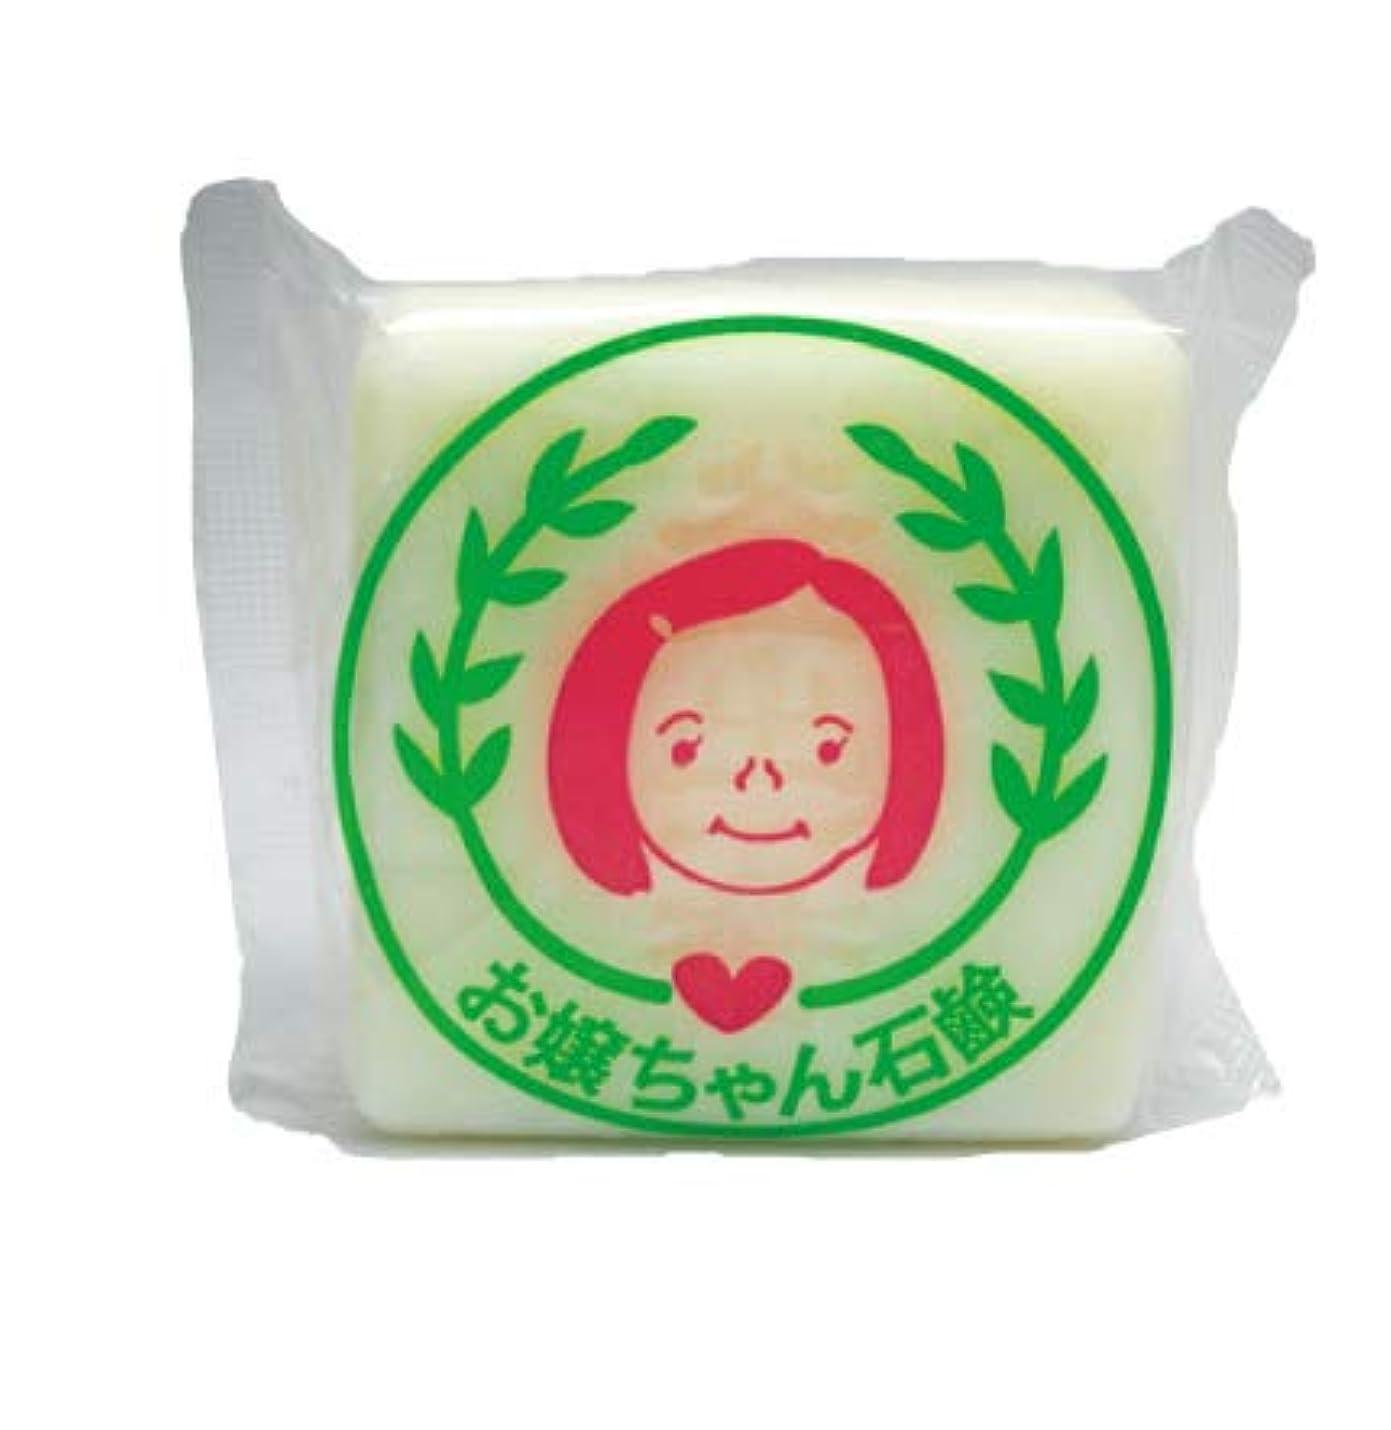 質素なモンスター貼り直す新しいお嬢ちゃん石鹸(100g)